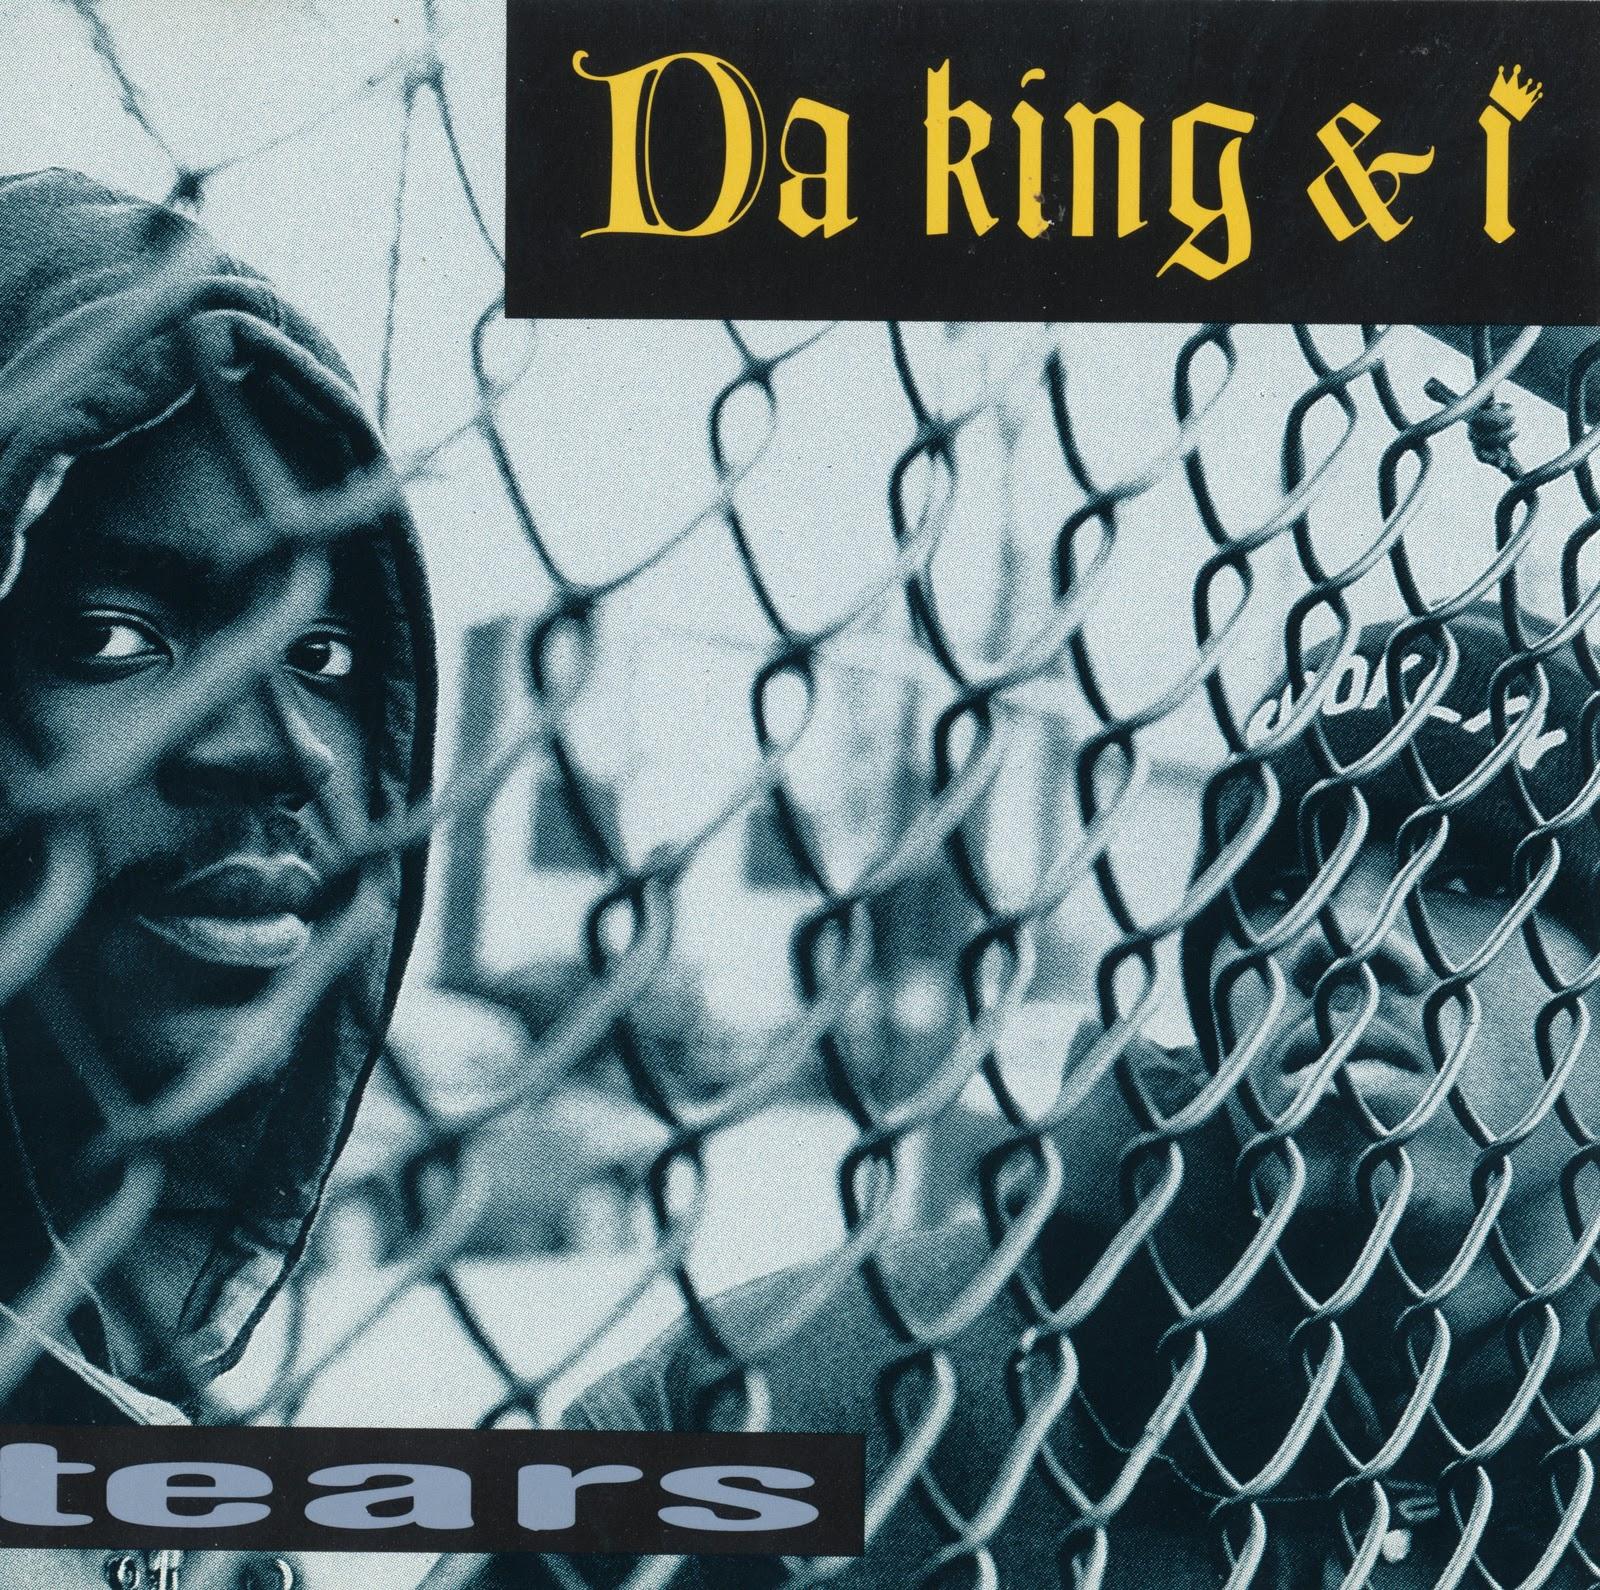 http://4.bp.blogspot.com/_7aFG1JabCYY/TT0ERl6nBQI/AAAAAAAAAMg/T53xLQeuaSw/s1600/Da+King+%2526+I+Tears_0008.jpg